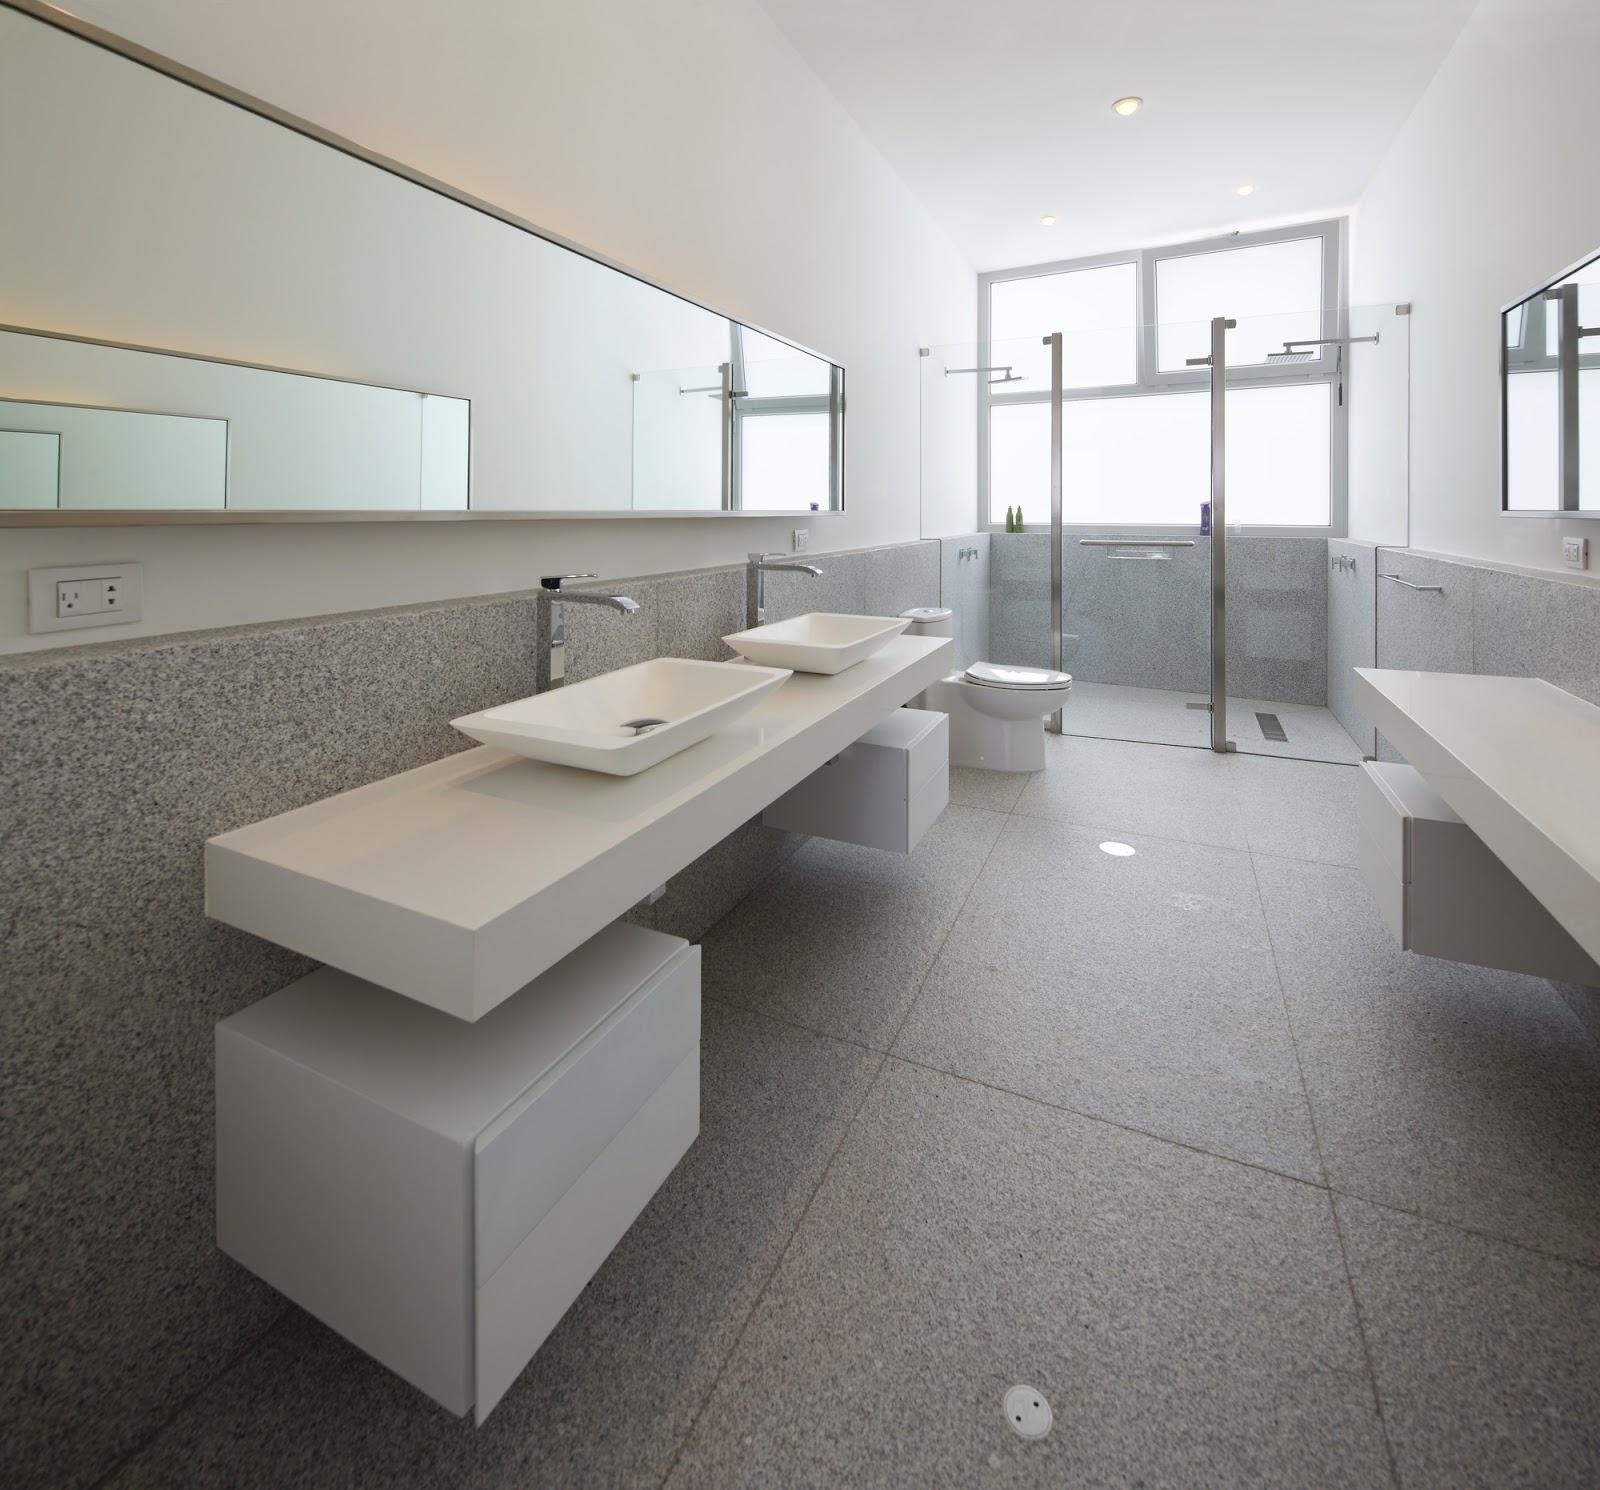 mẫu-phòng-tắm-đẹp